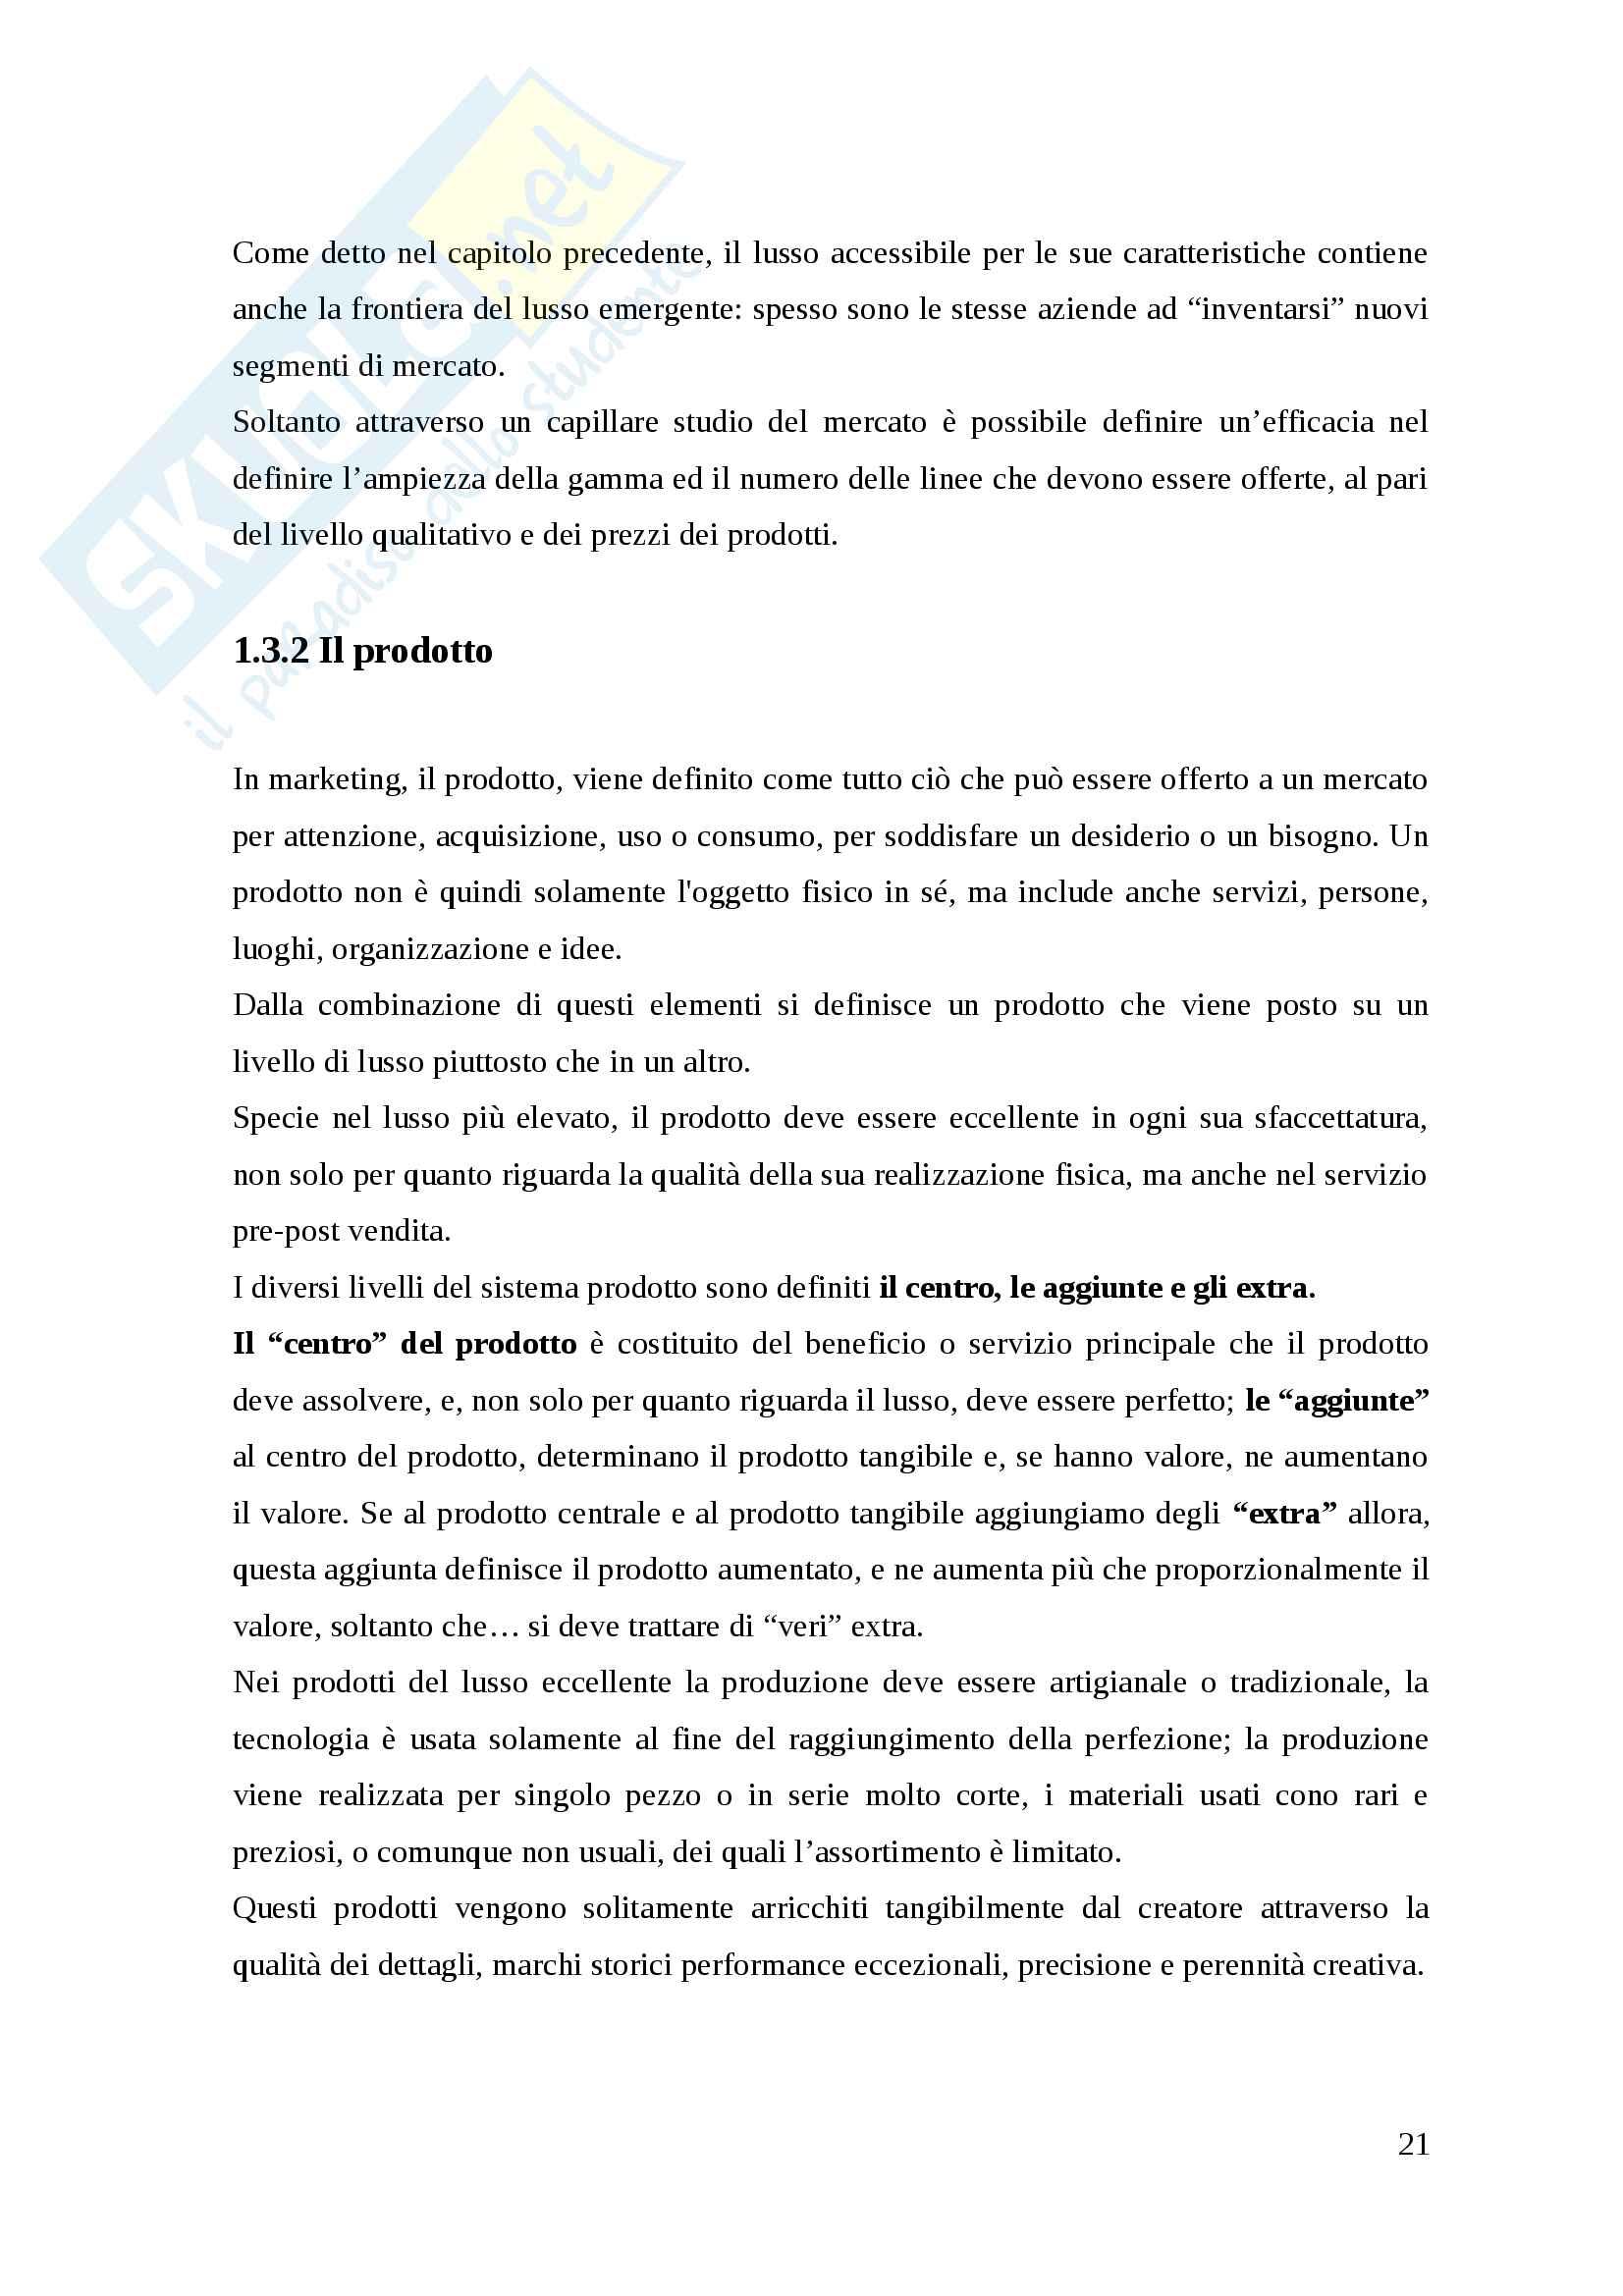 Distribuzione e marketing del consumo di lusso Pag. 21